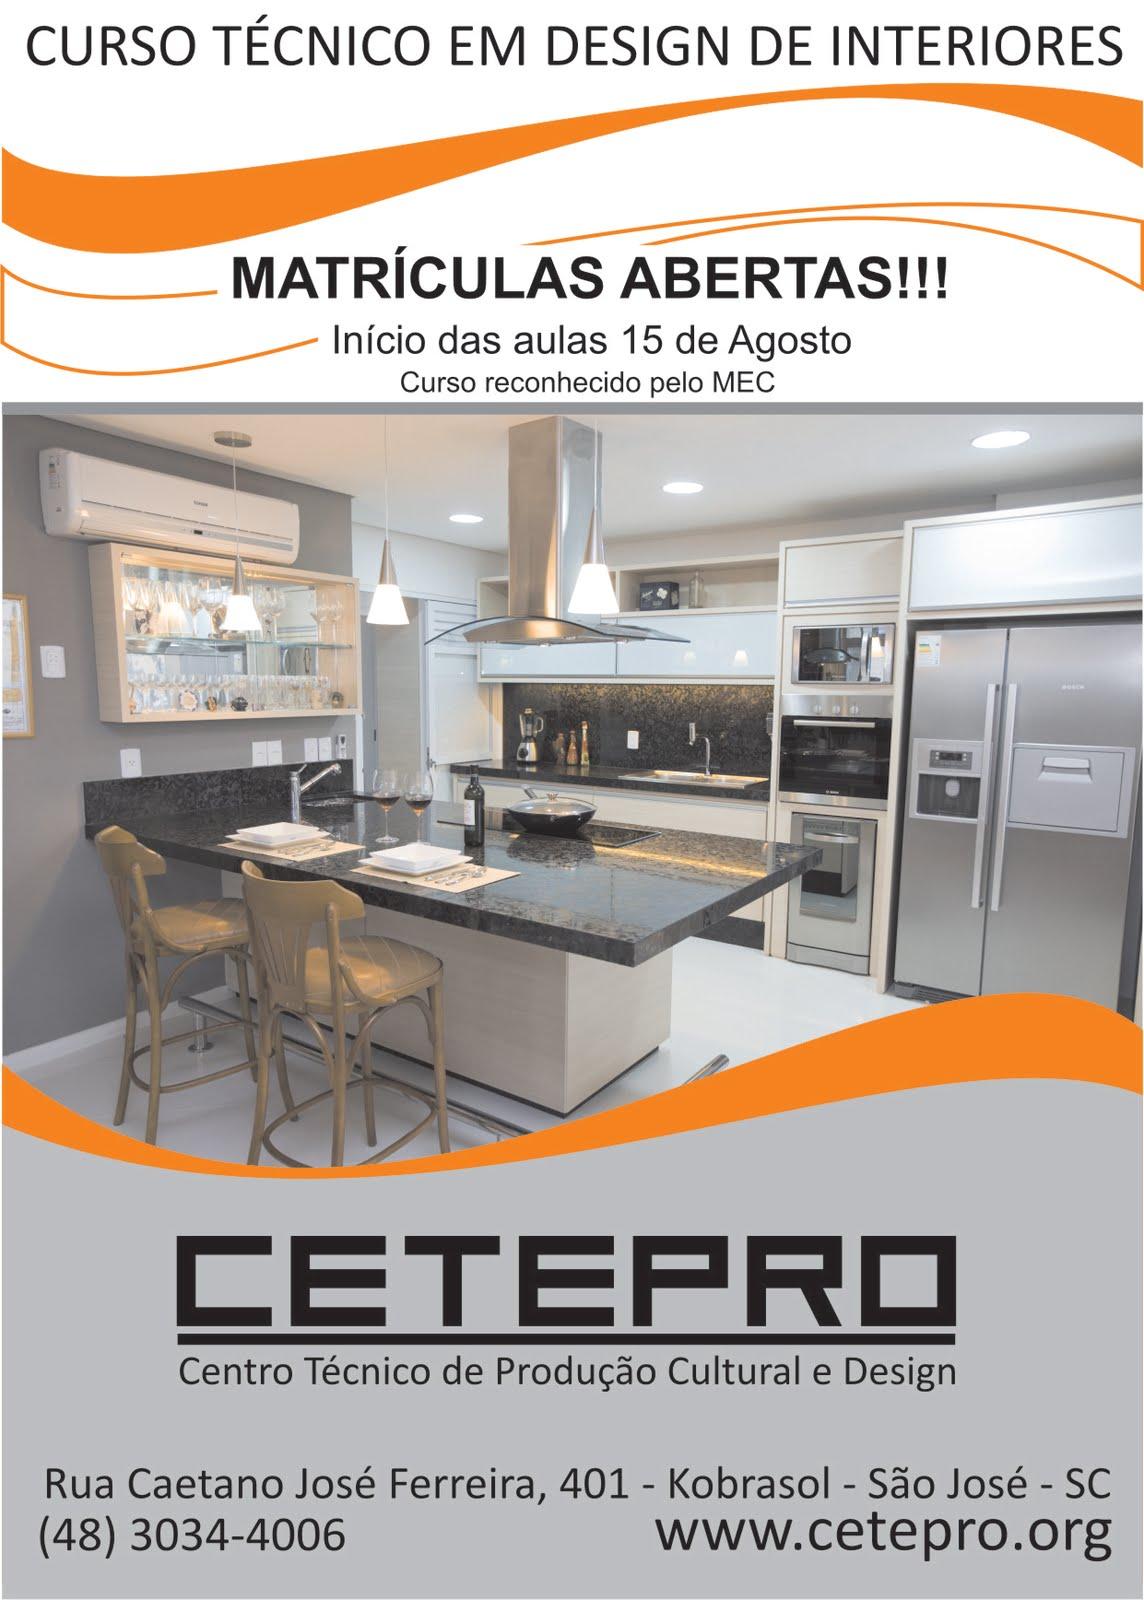 #C25F09  ::: Design :::: Curso Técnico em Design de Interiores CETEPRO 1144x1600 píxeis em Curso Design De Interior